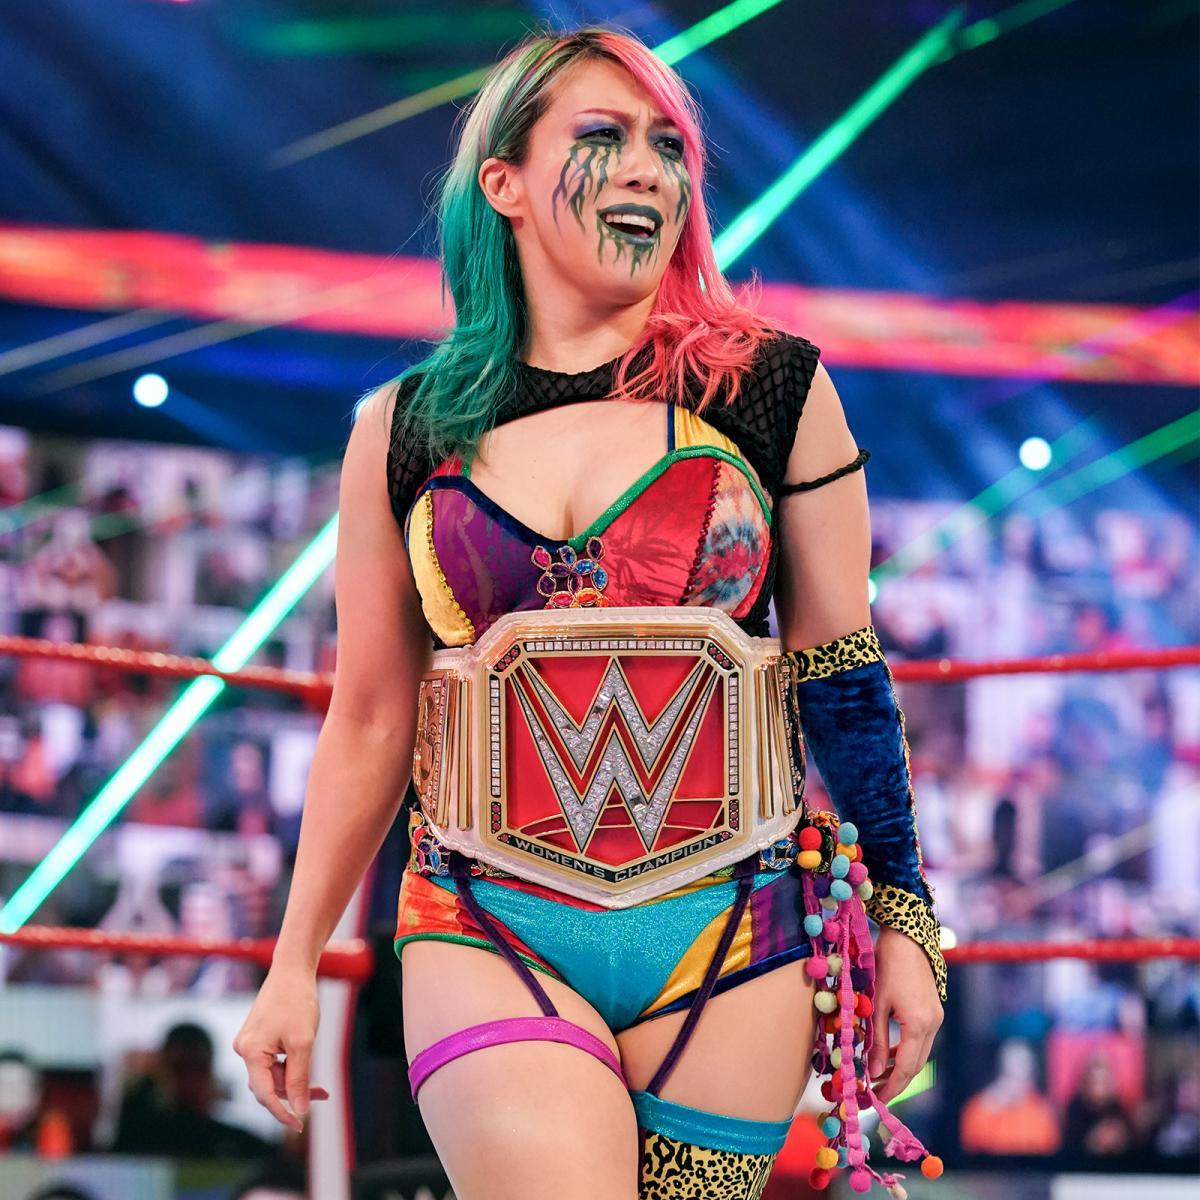 4回目のレッスルマニア出場となったロウ女子王者アスカ(C)2021 WWE, Inc. All Rights Reserved.